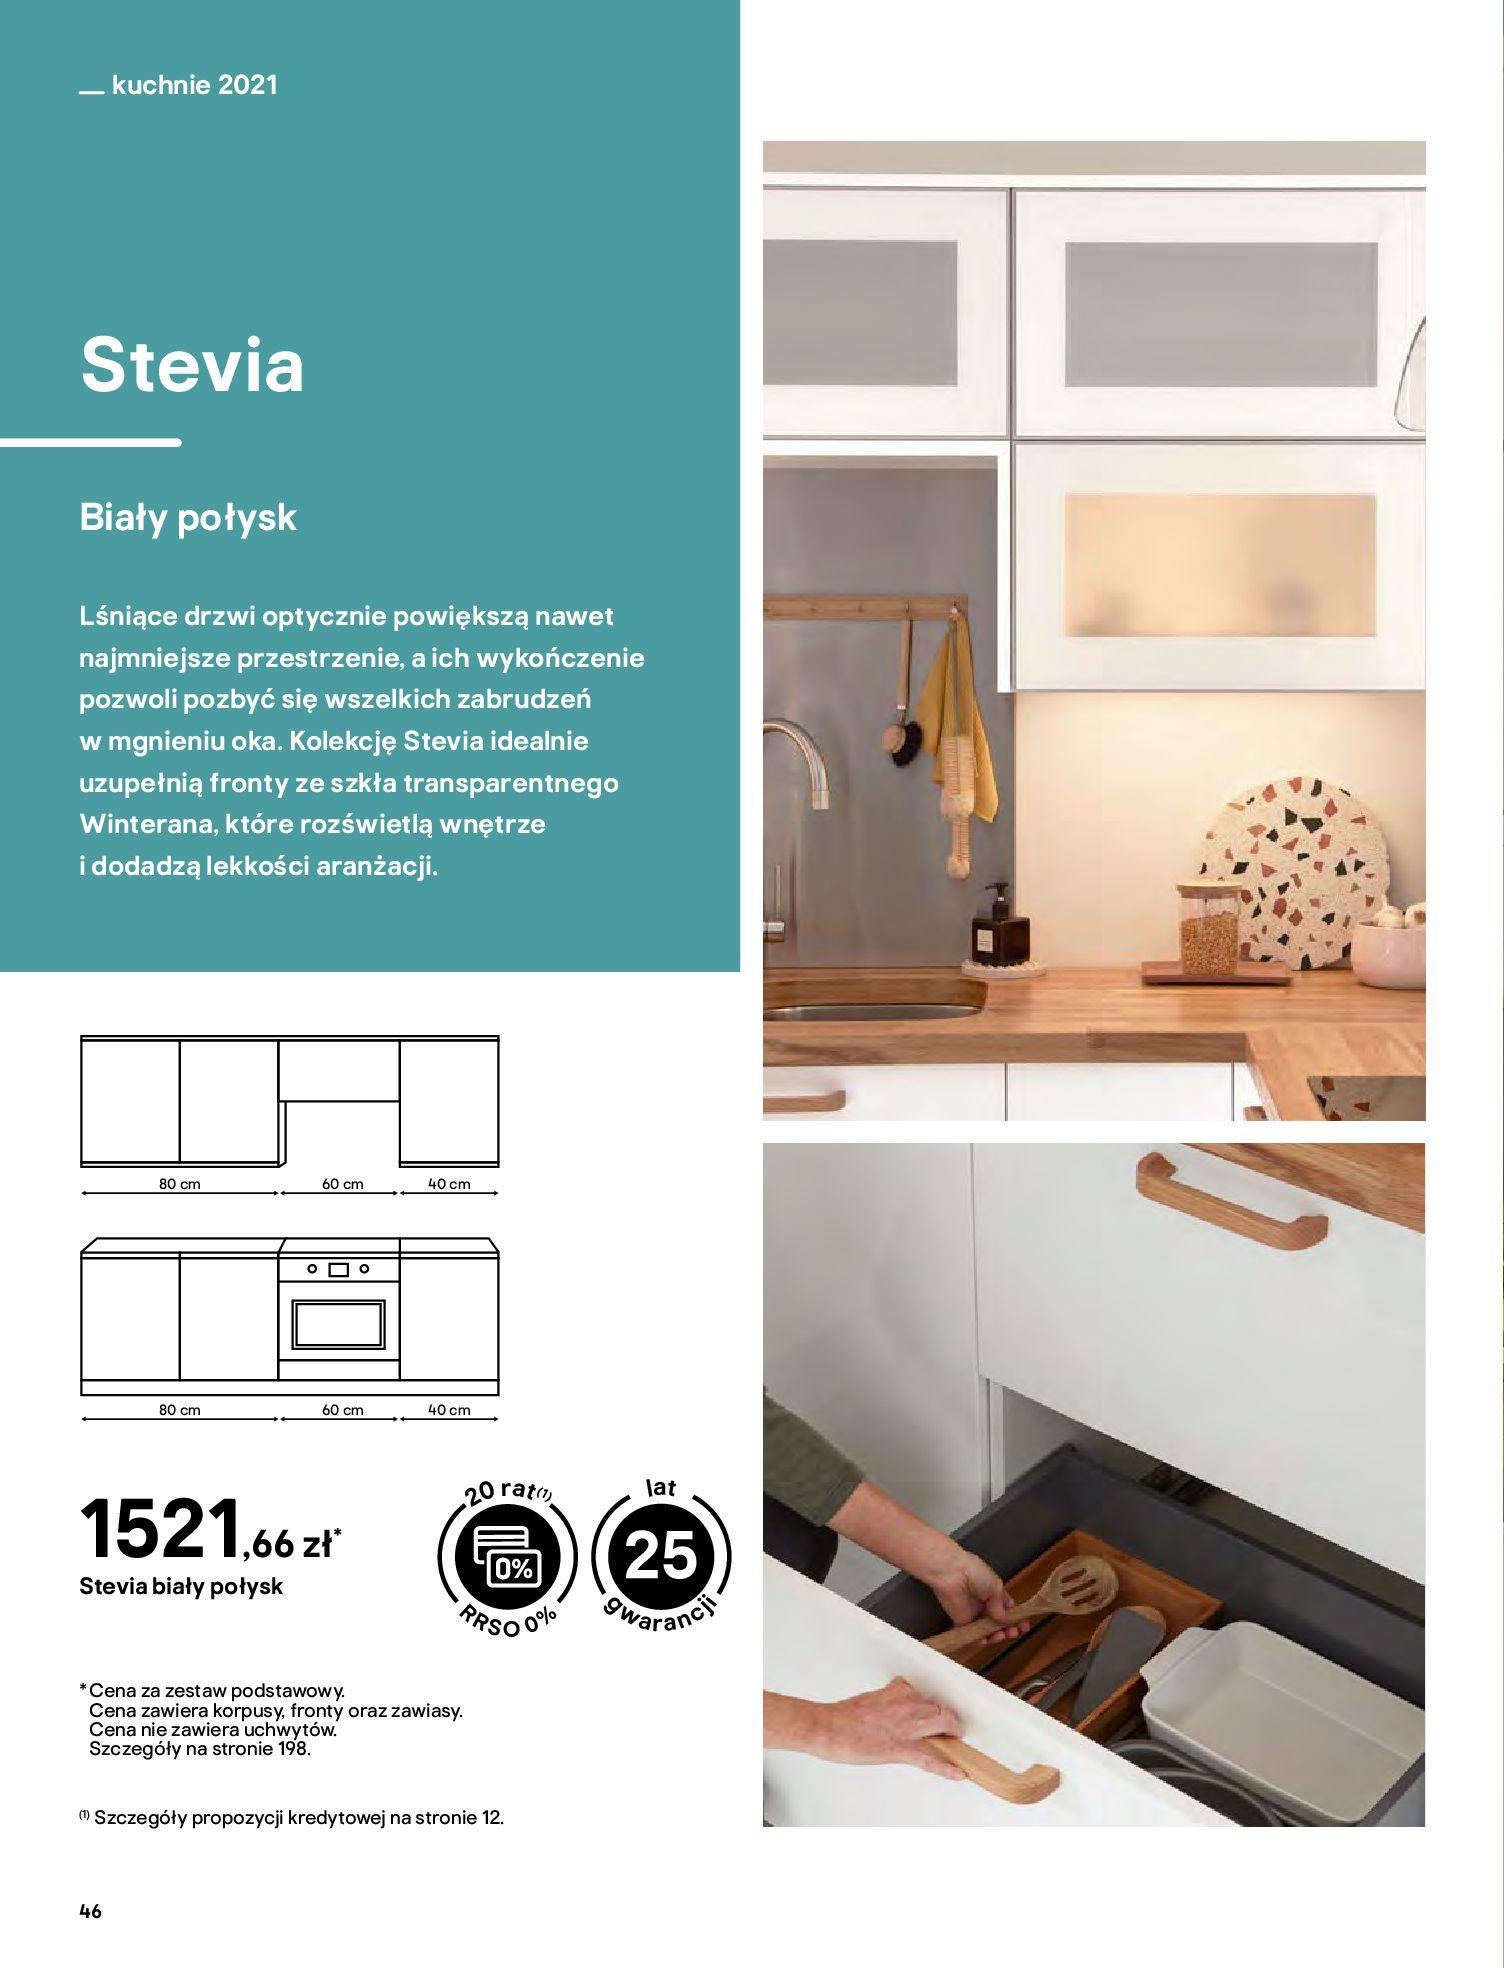 Gazetka Castorama: Katalog kuchnie 2021 2021-05-04 page-46